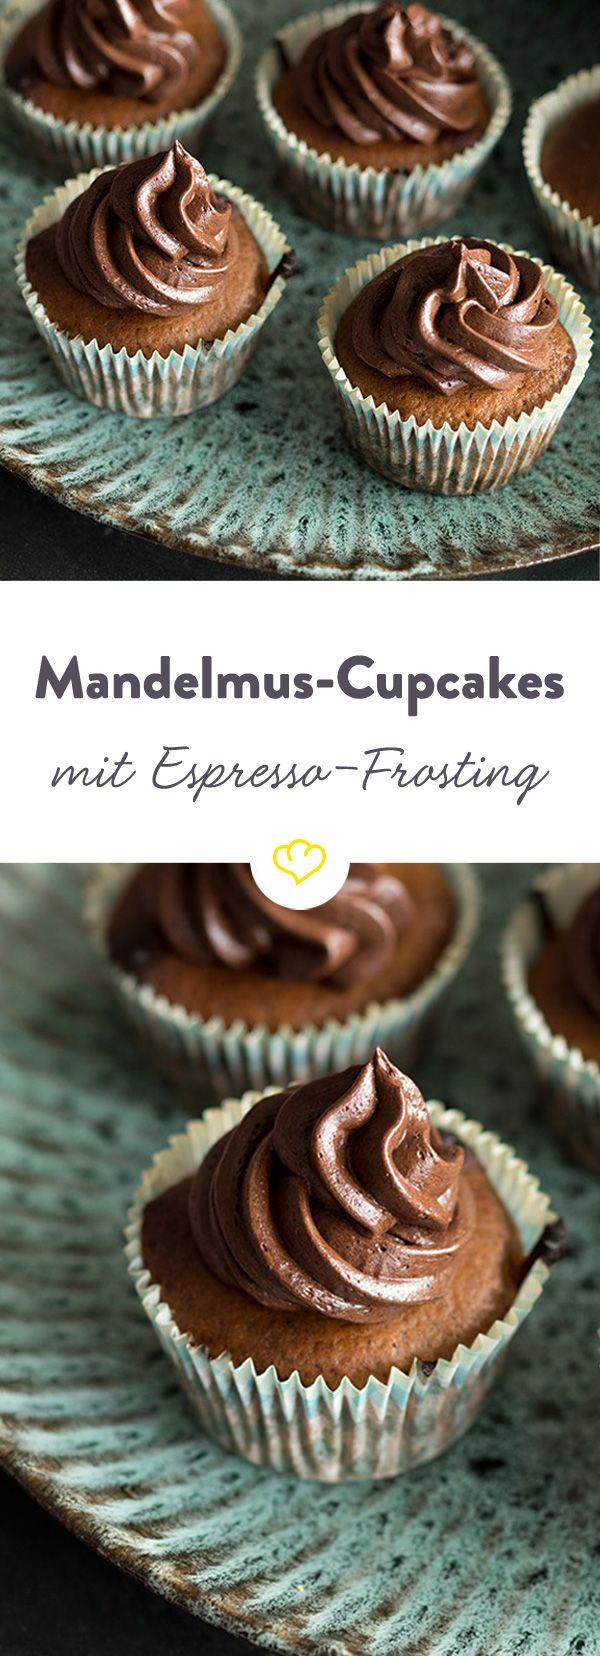 Diese Cupcakes mit Espresso-Frosting sind mit einer ganz besonderen Zutat gemacht: Mandelmus. Herrlich cremig und aromatisch zugleich.